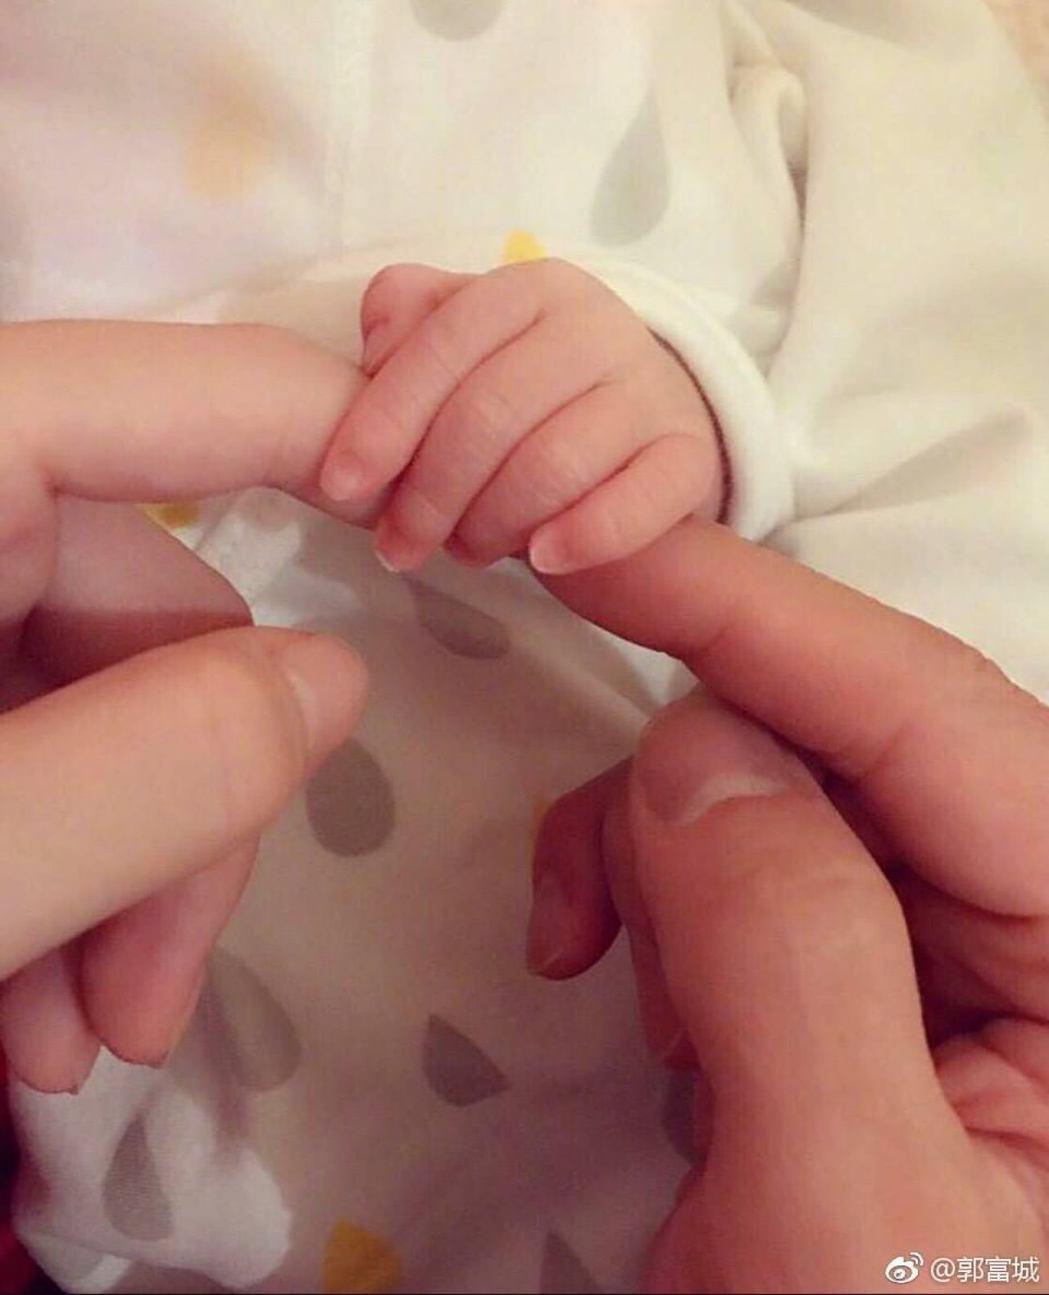 郭富城發布一家三口手指緊扣的照片,承認升格父親。圖/摘自微博